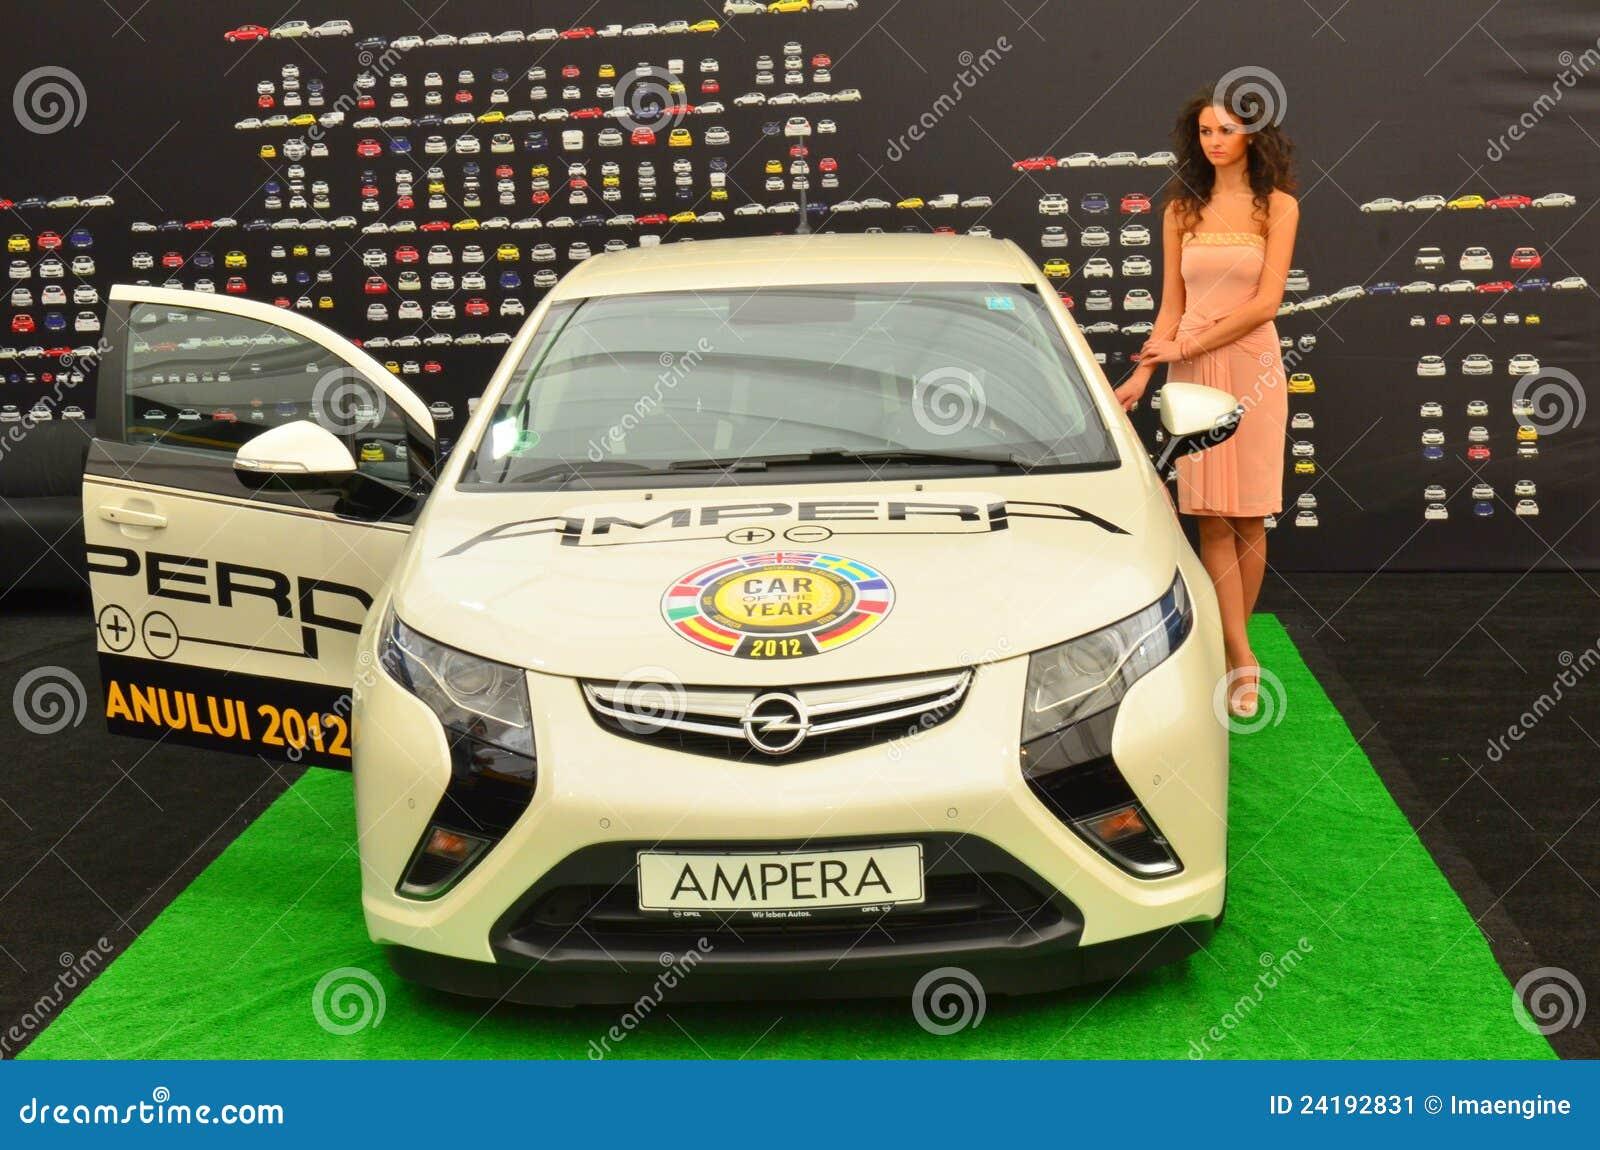 Automobile ibrida di Opel Ampera a SIAMB 2012